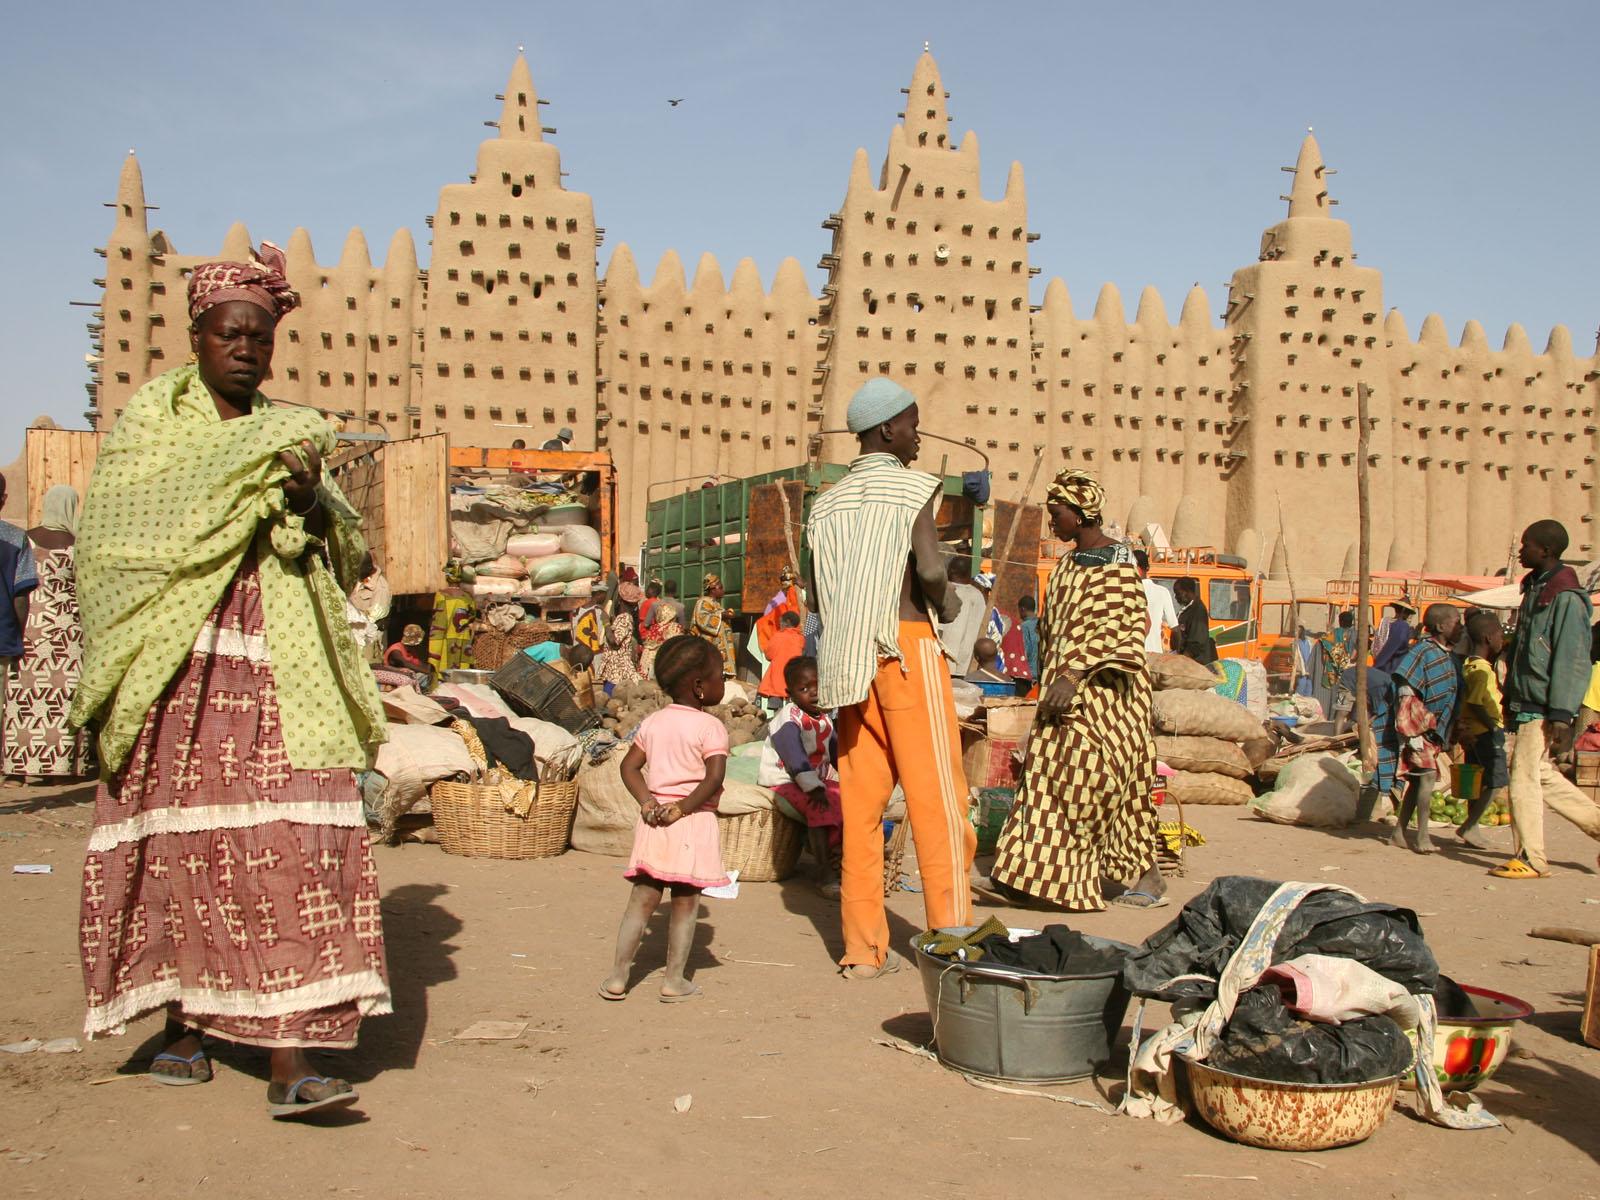 Locuitorii din Djenne sunt oameni săraci, de aceea pescuiesc pentru a supraviețui zi după zi